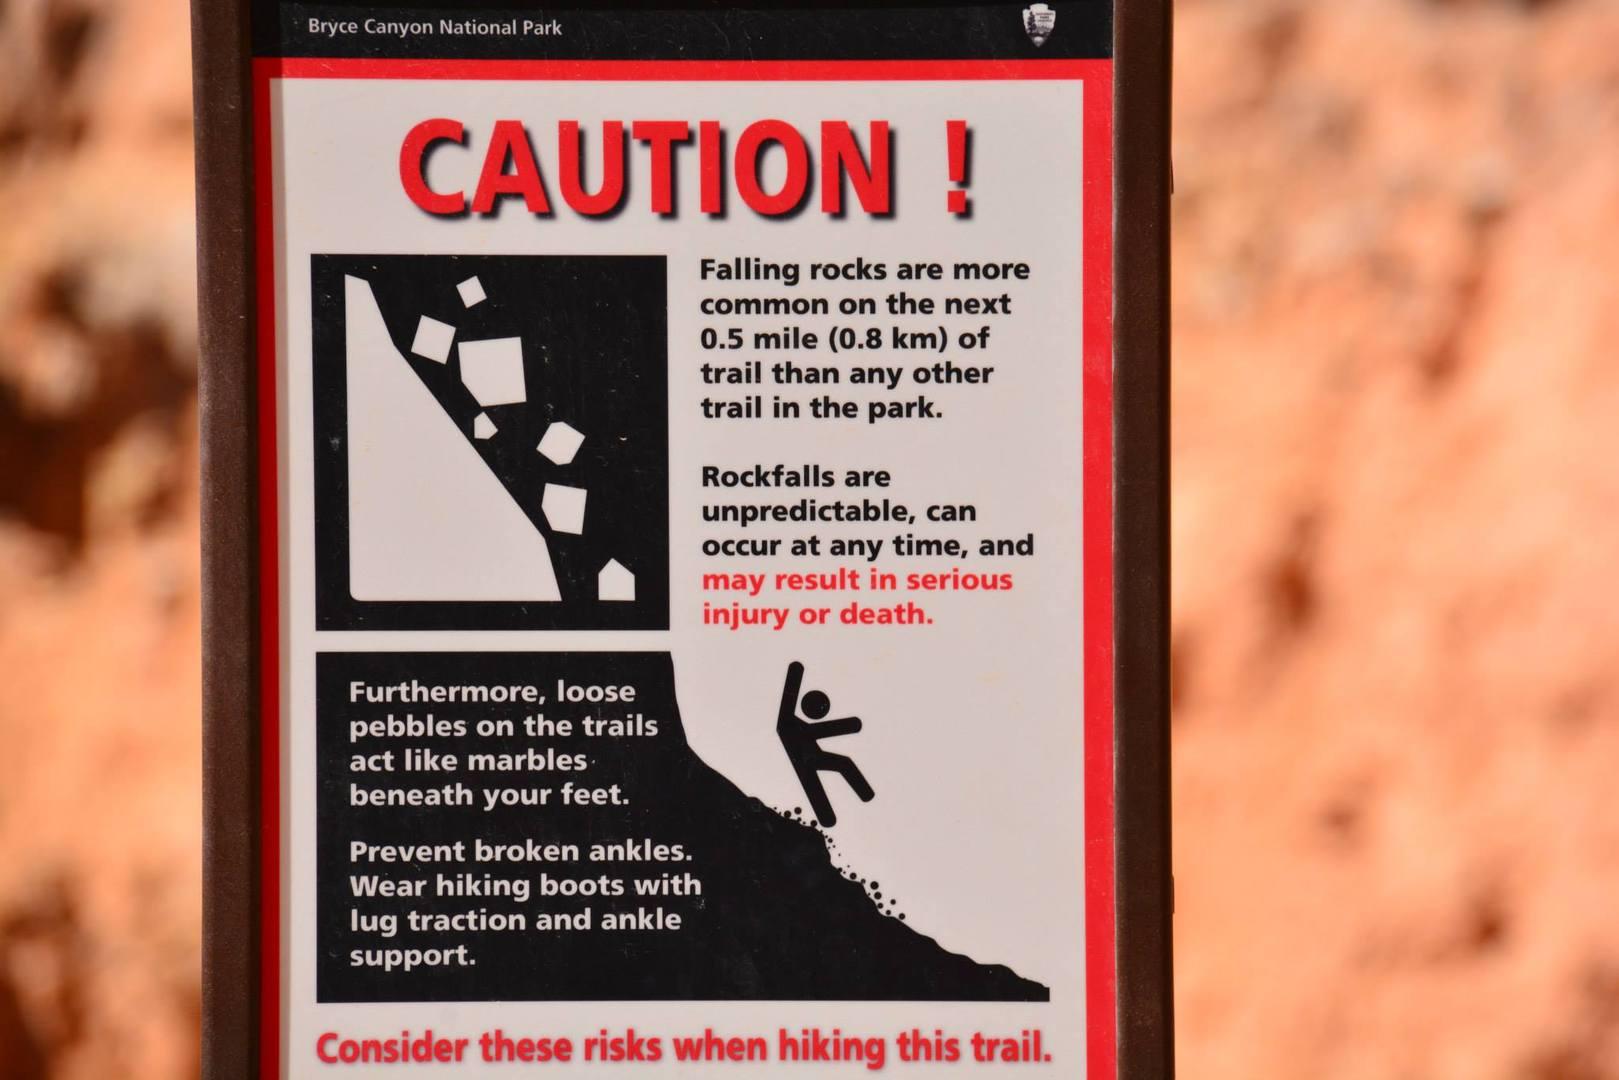 שלט אזהרה בפארק